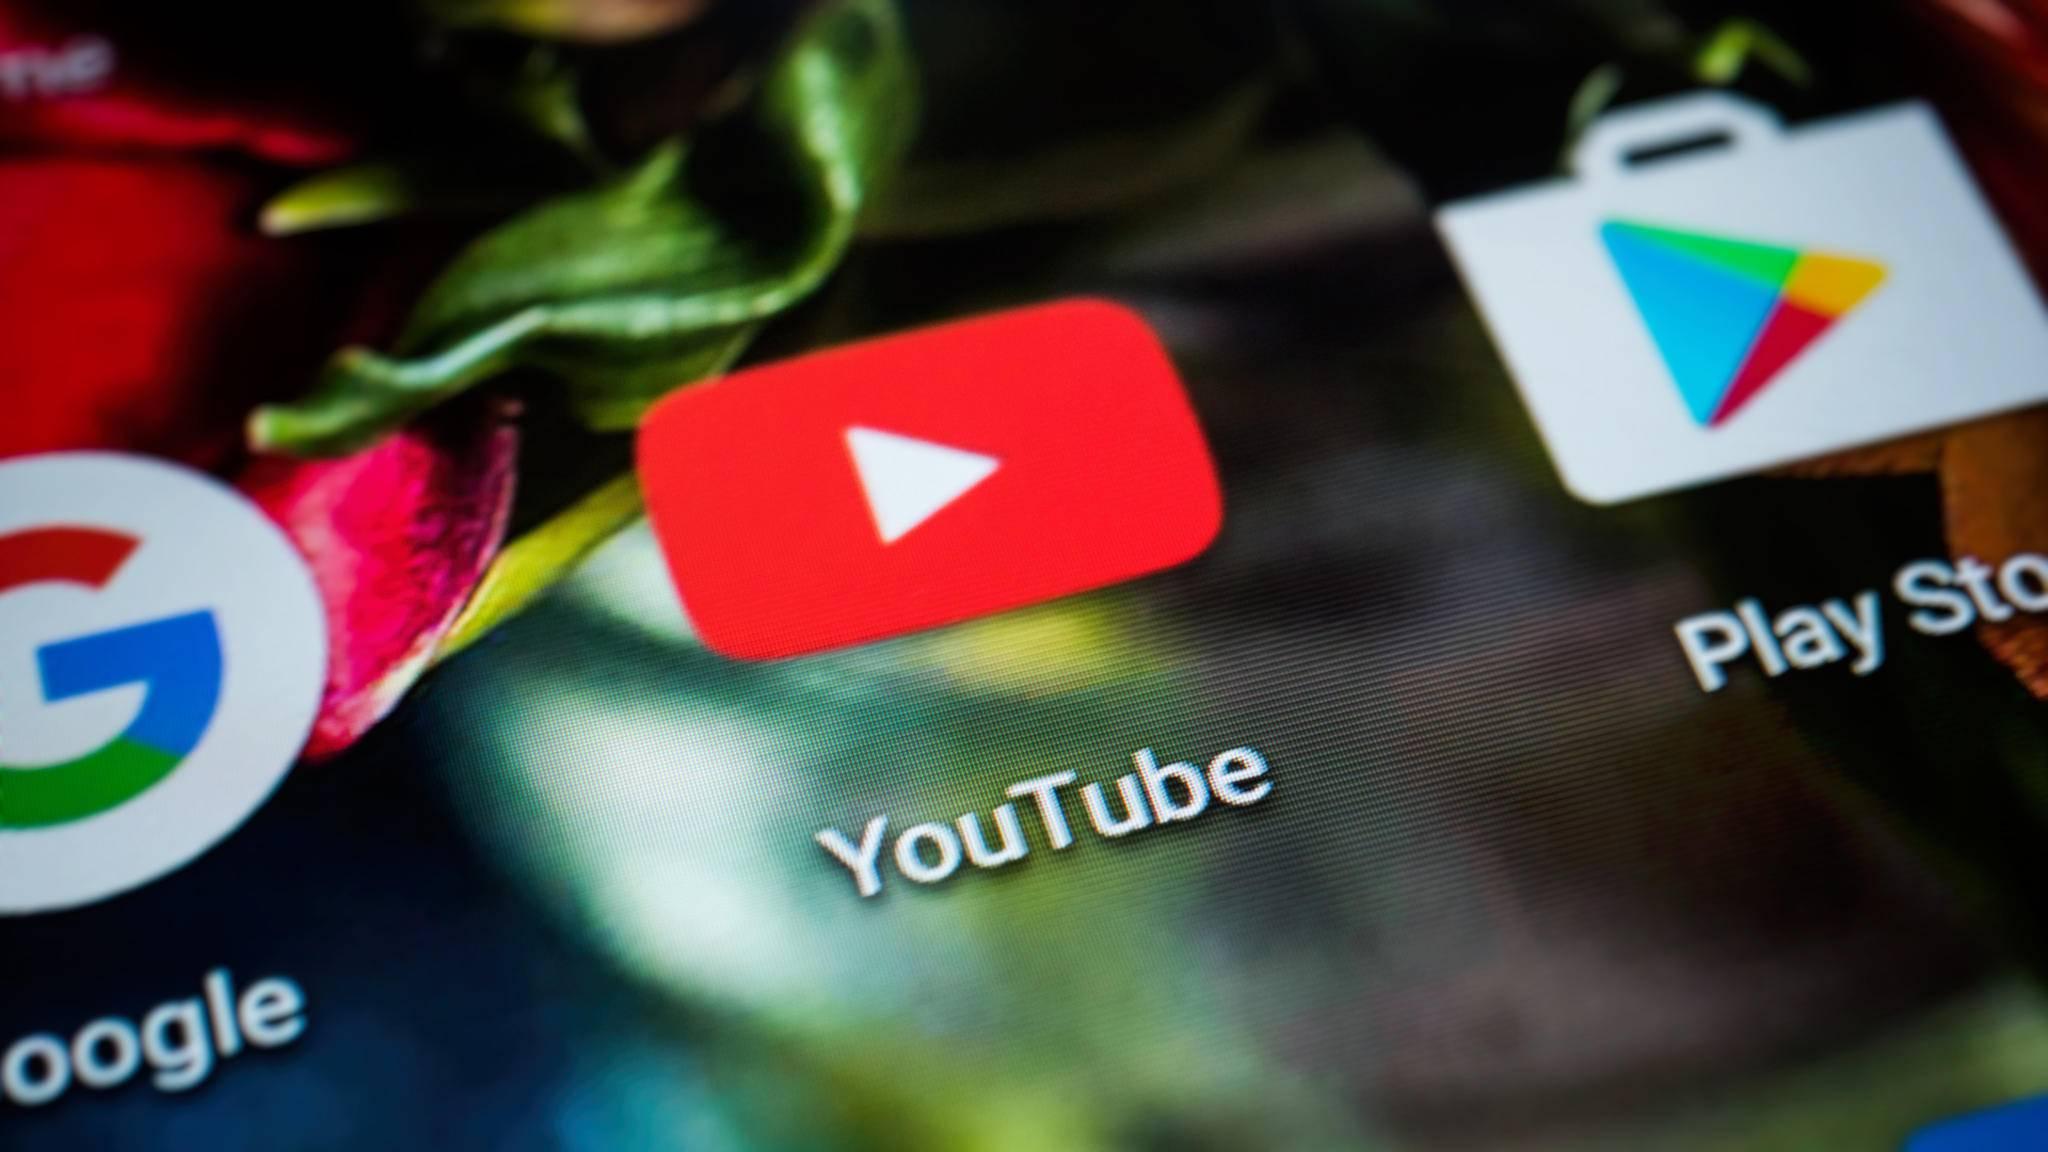 Die neue Optik der YouTube-App soll dazu dienen, die Navigation noch einfacher zu machen.